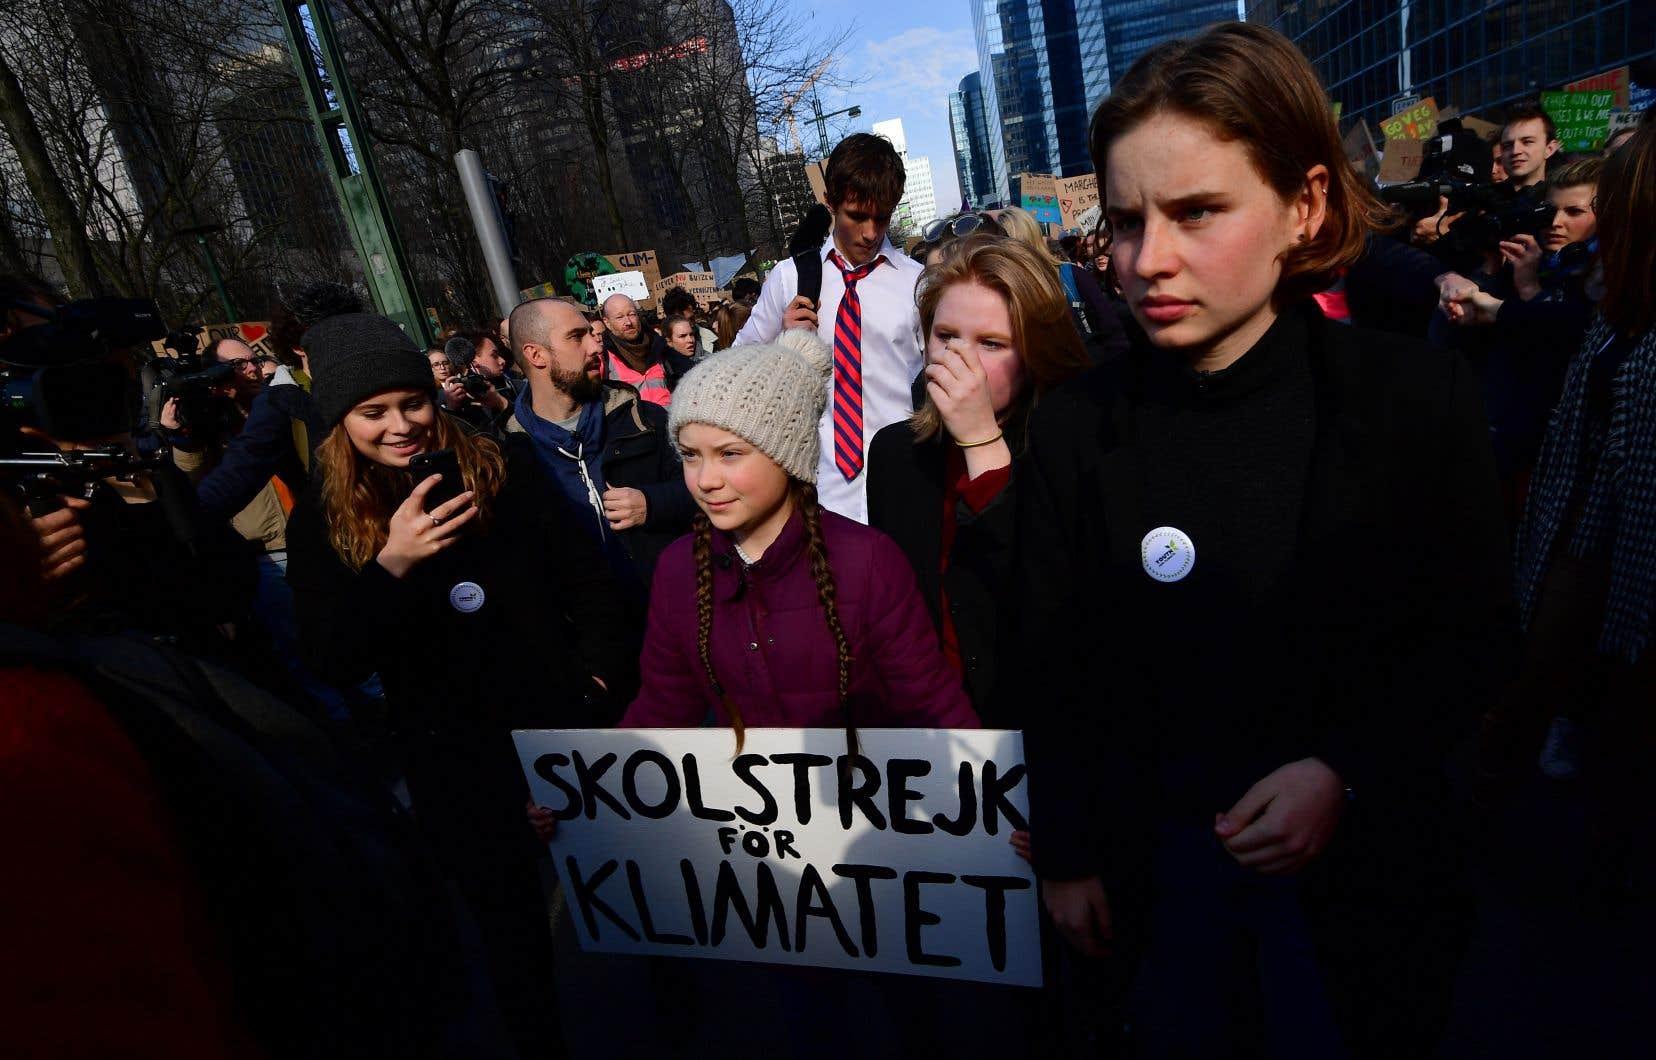 Greta Thunberg a inspiré des jeunes de partout dans le monde à faire la grève pour exprimer leur colère et leur inquiétude face au réchauffement de la planète.